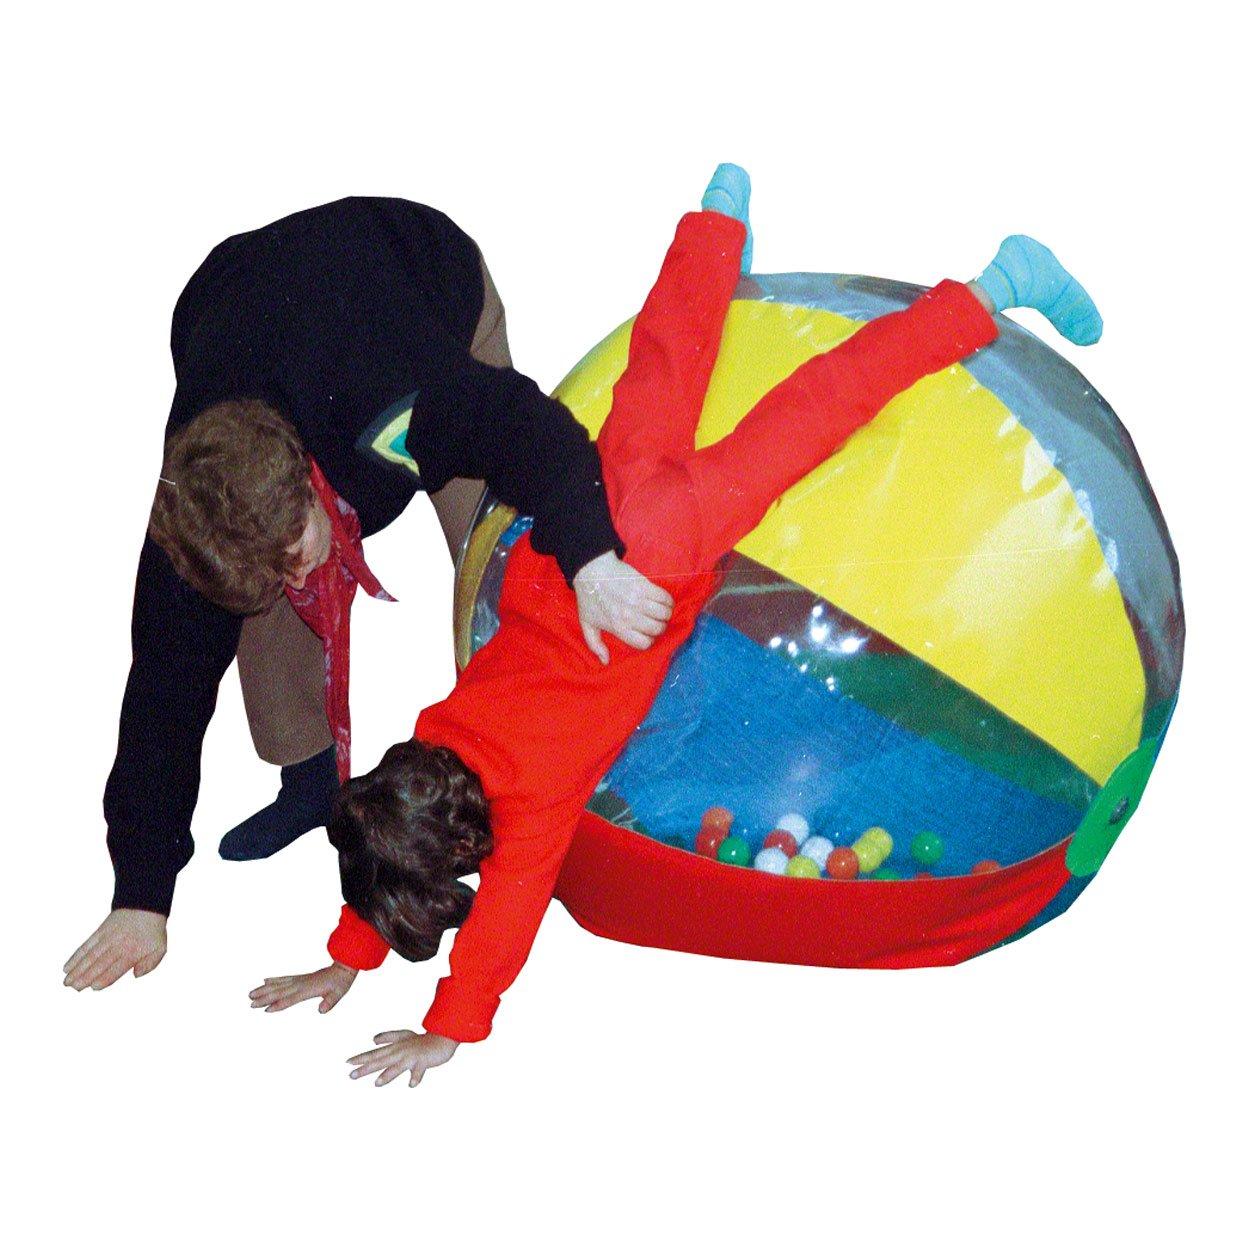 Therapieball aufblasbarer Spiel Ball Spielzeug gefüllt mit Bällen, 100 cm